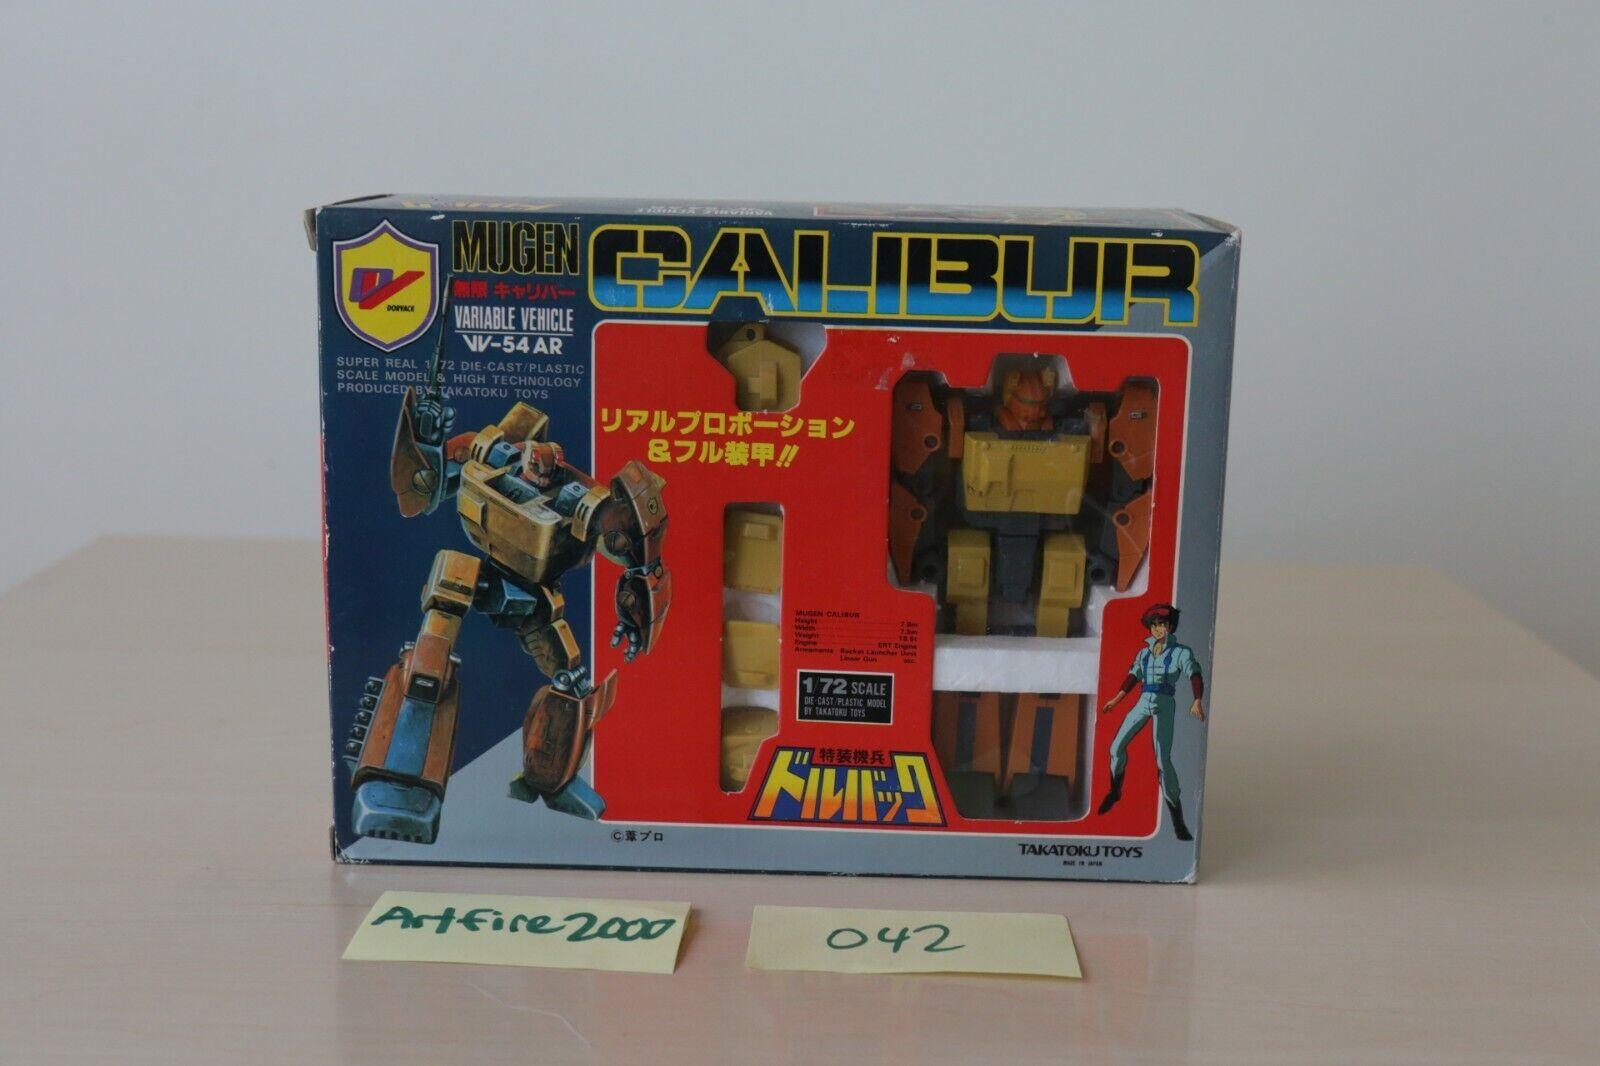 Takara Diaclone Pre-Transformers Takatoku Mugen Calibur Menta en caja Transformers G1 Road Buster